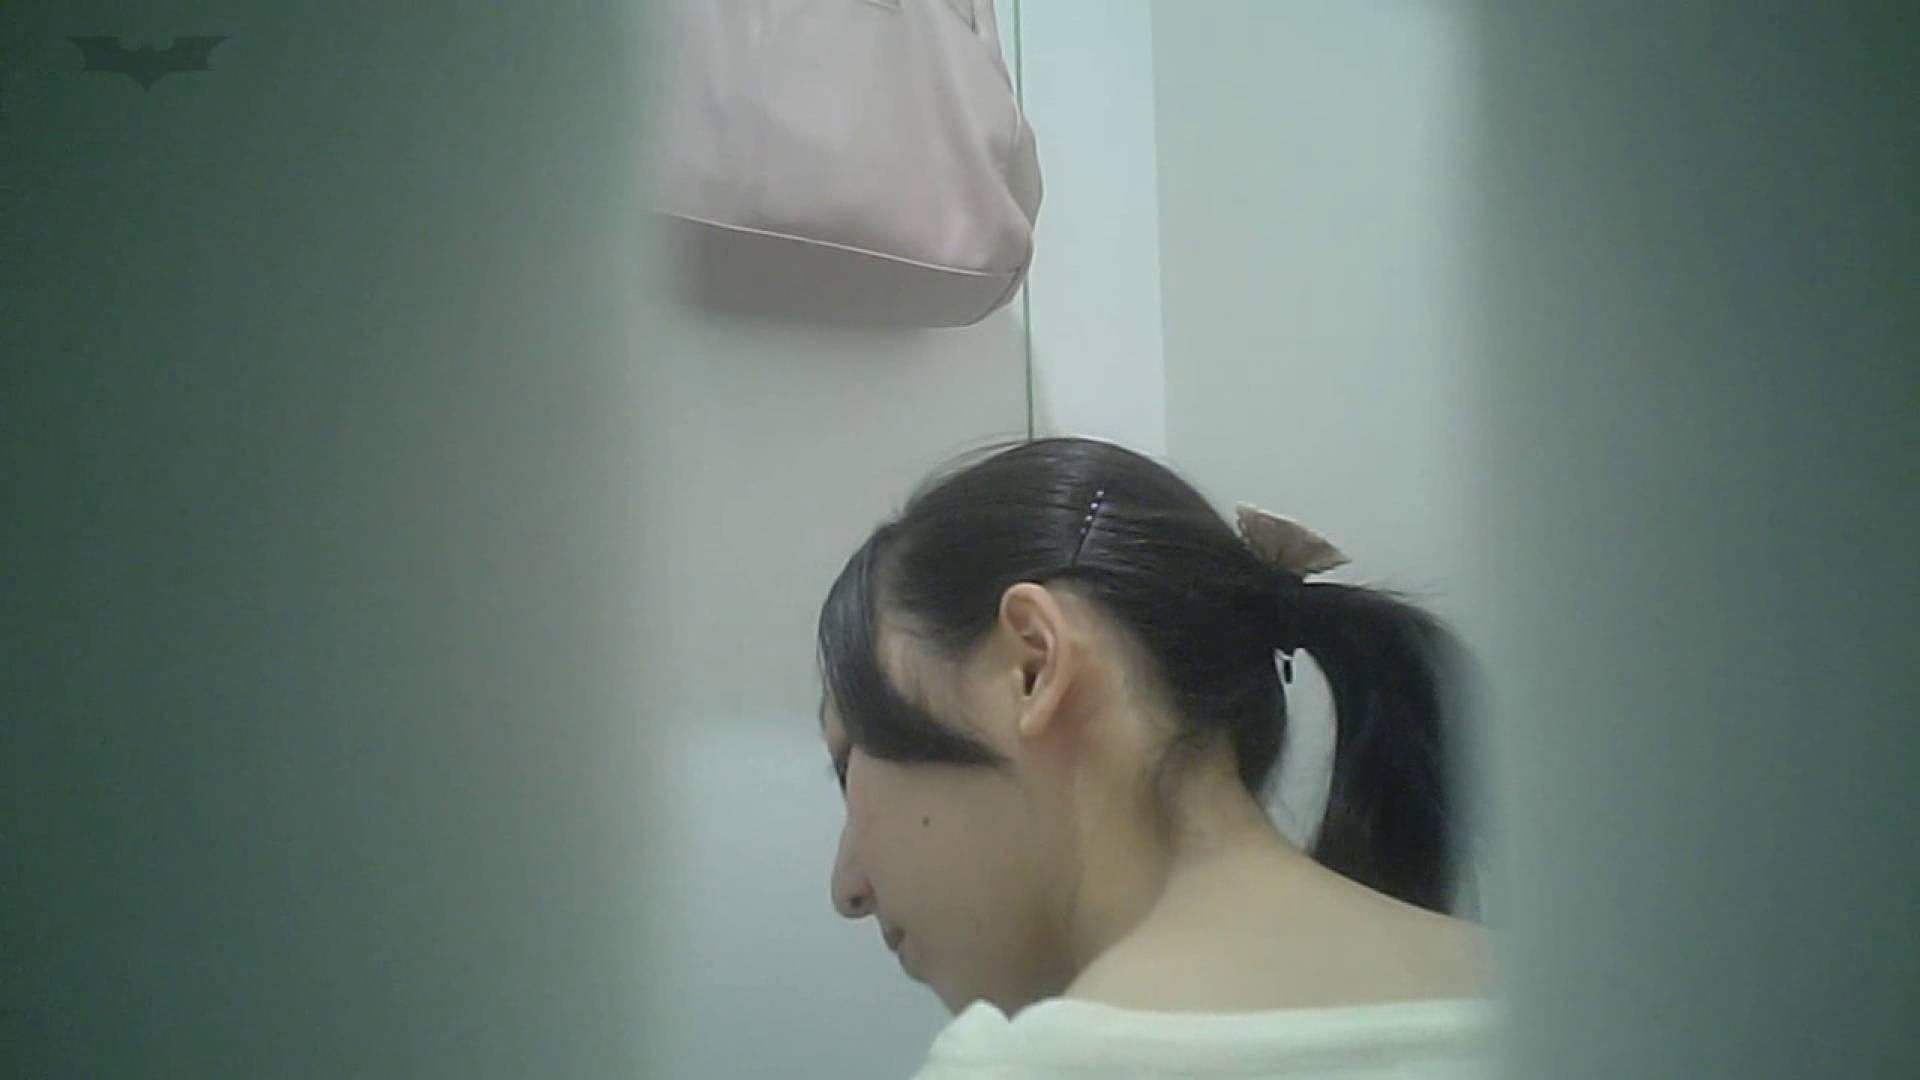 有名大学女性洗面所 vol.40 ??おまじない的な動きをする子がいます。 お姉さんのSEX AV無料 99枚 57